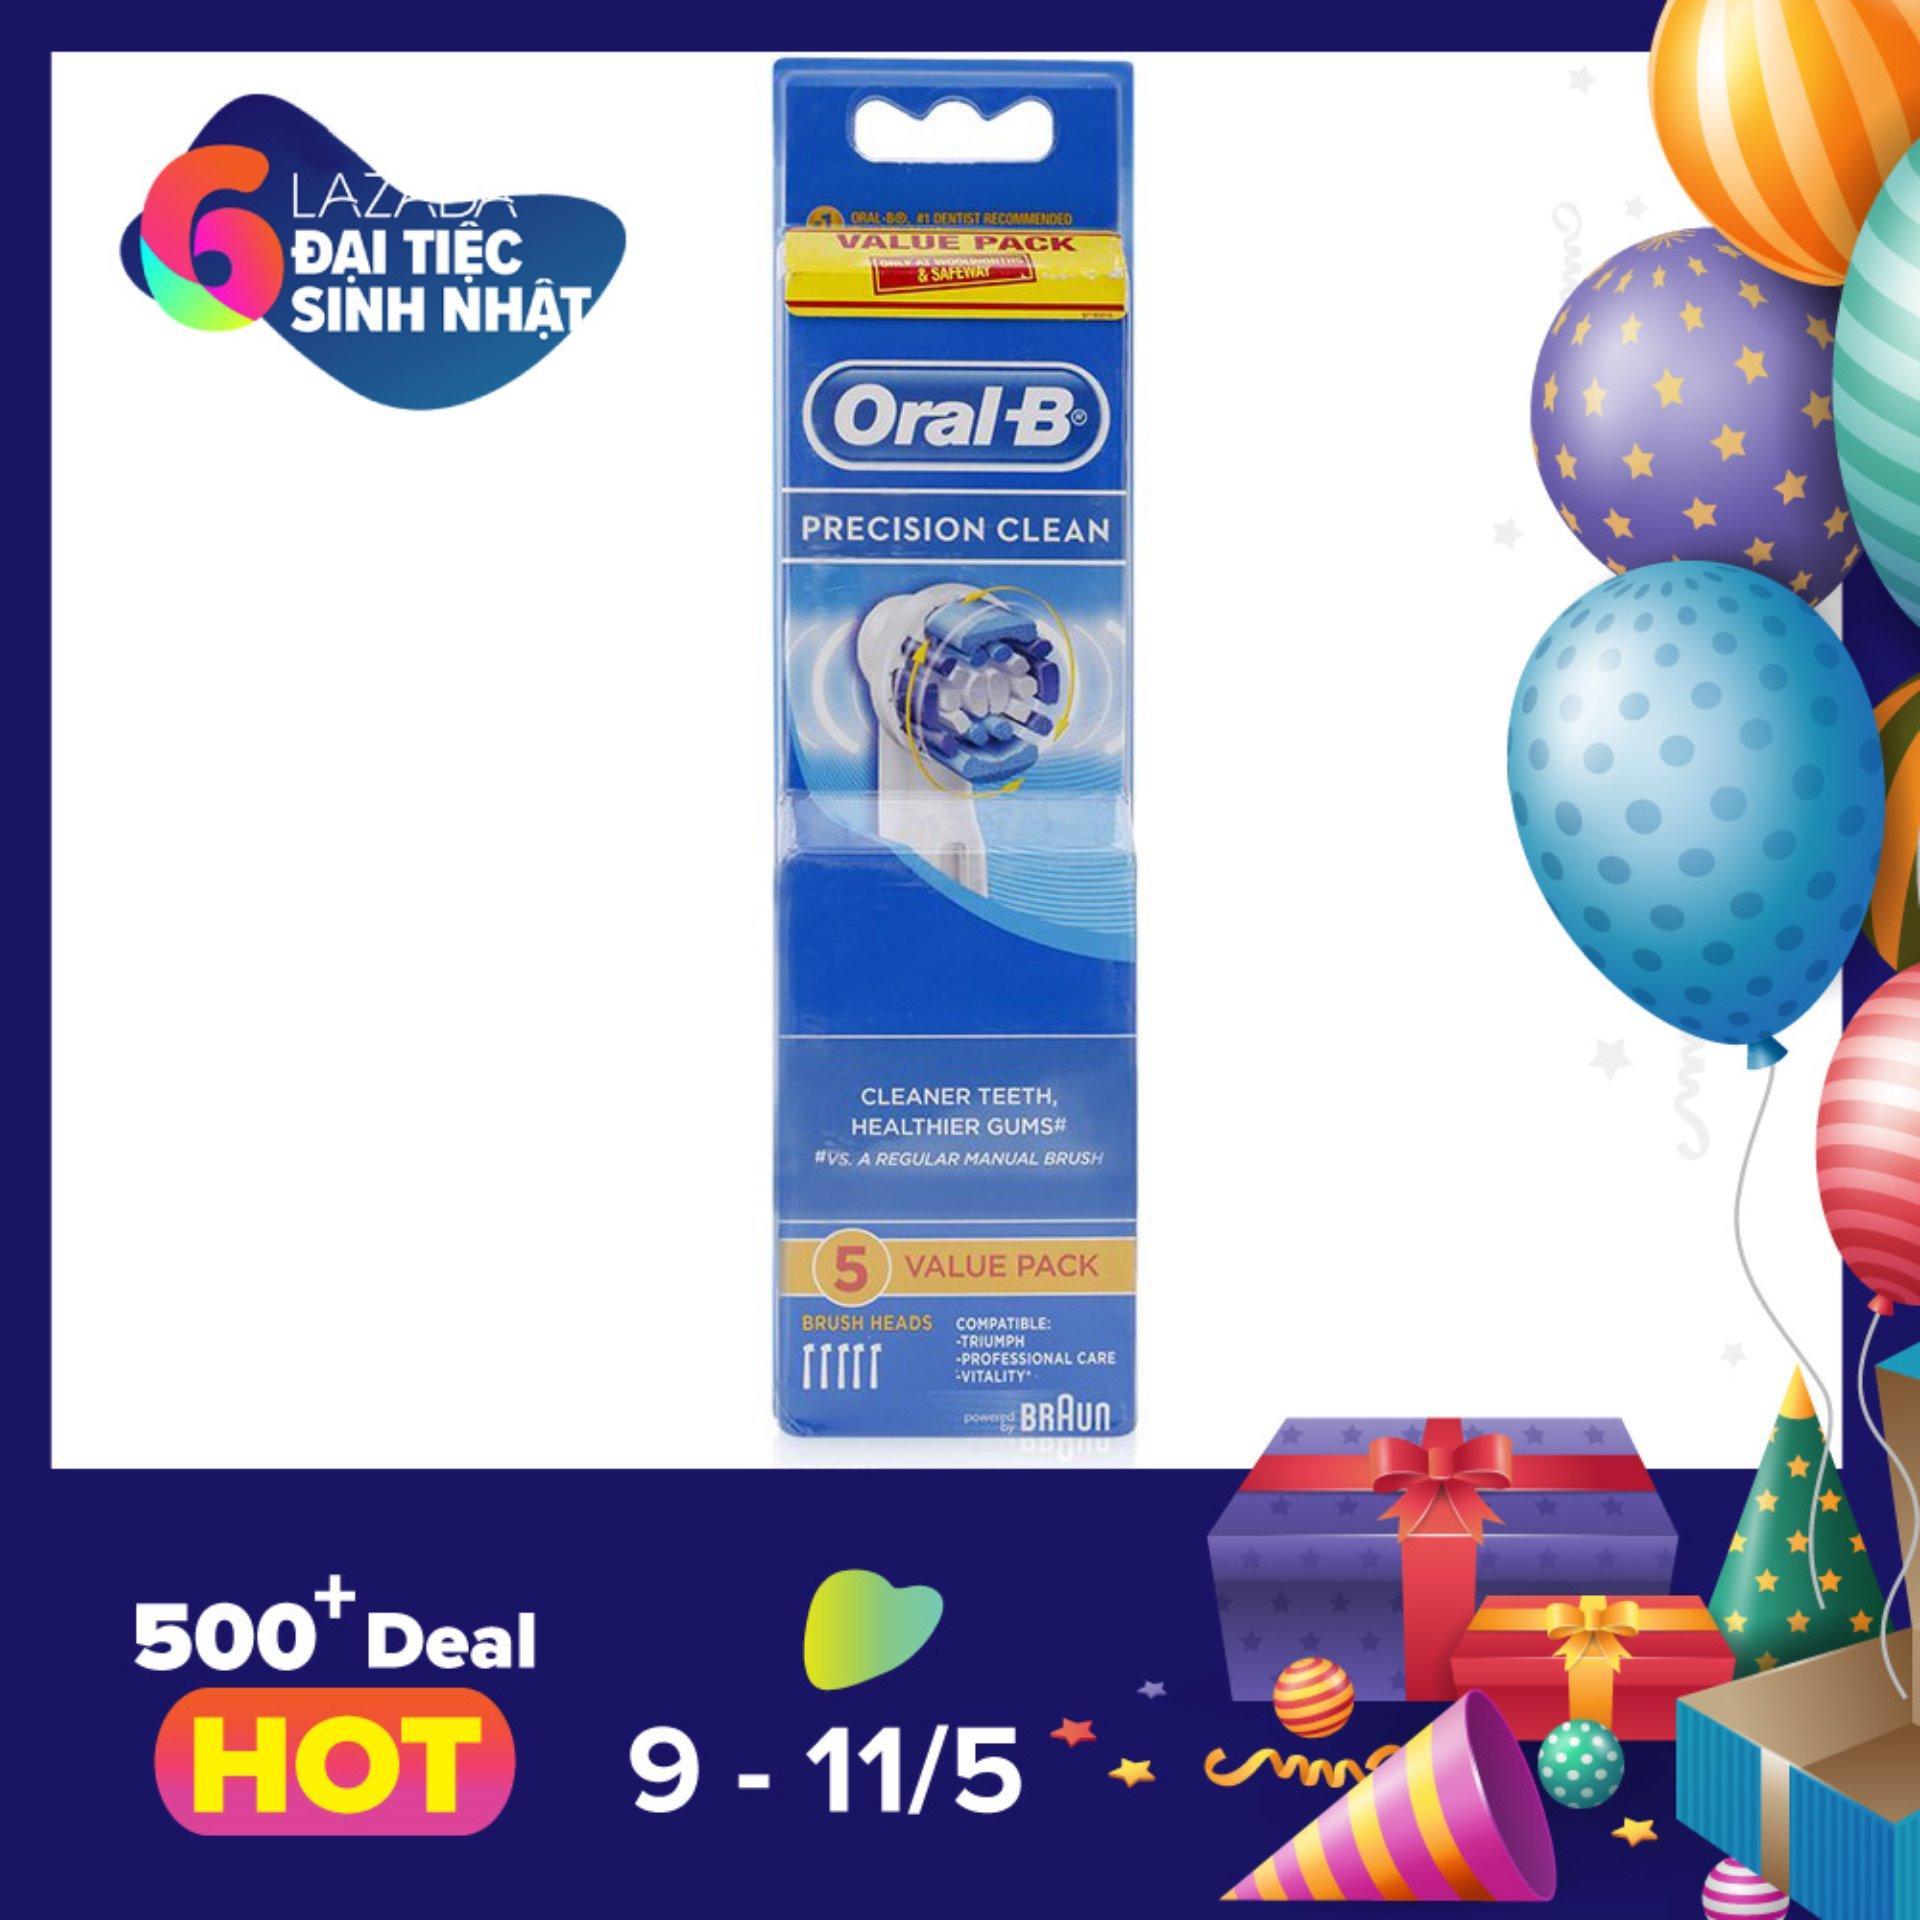 Bộ 5 Đầu Ban Chải Điện Oral B Precision Clean Trong Hồ Chí Minh